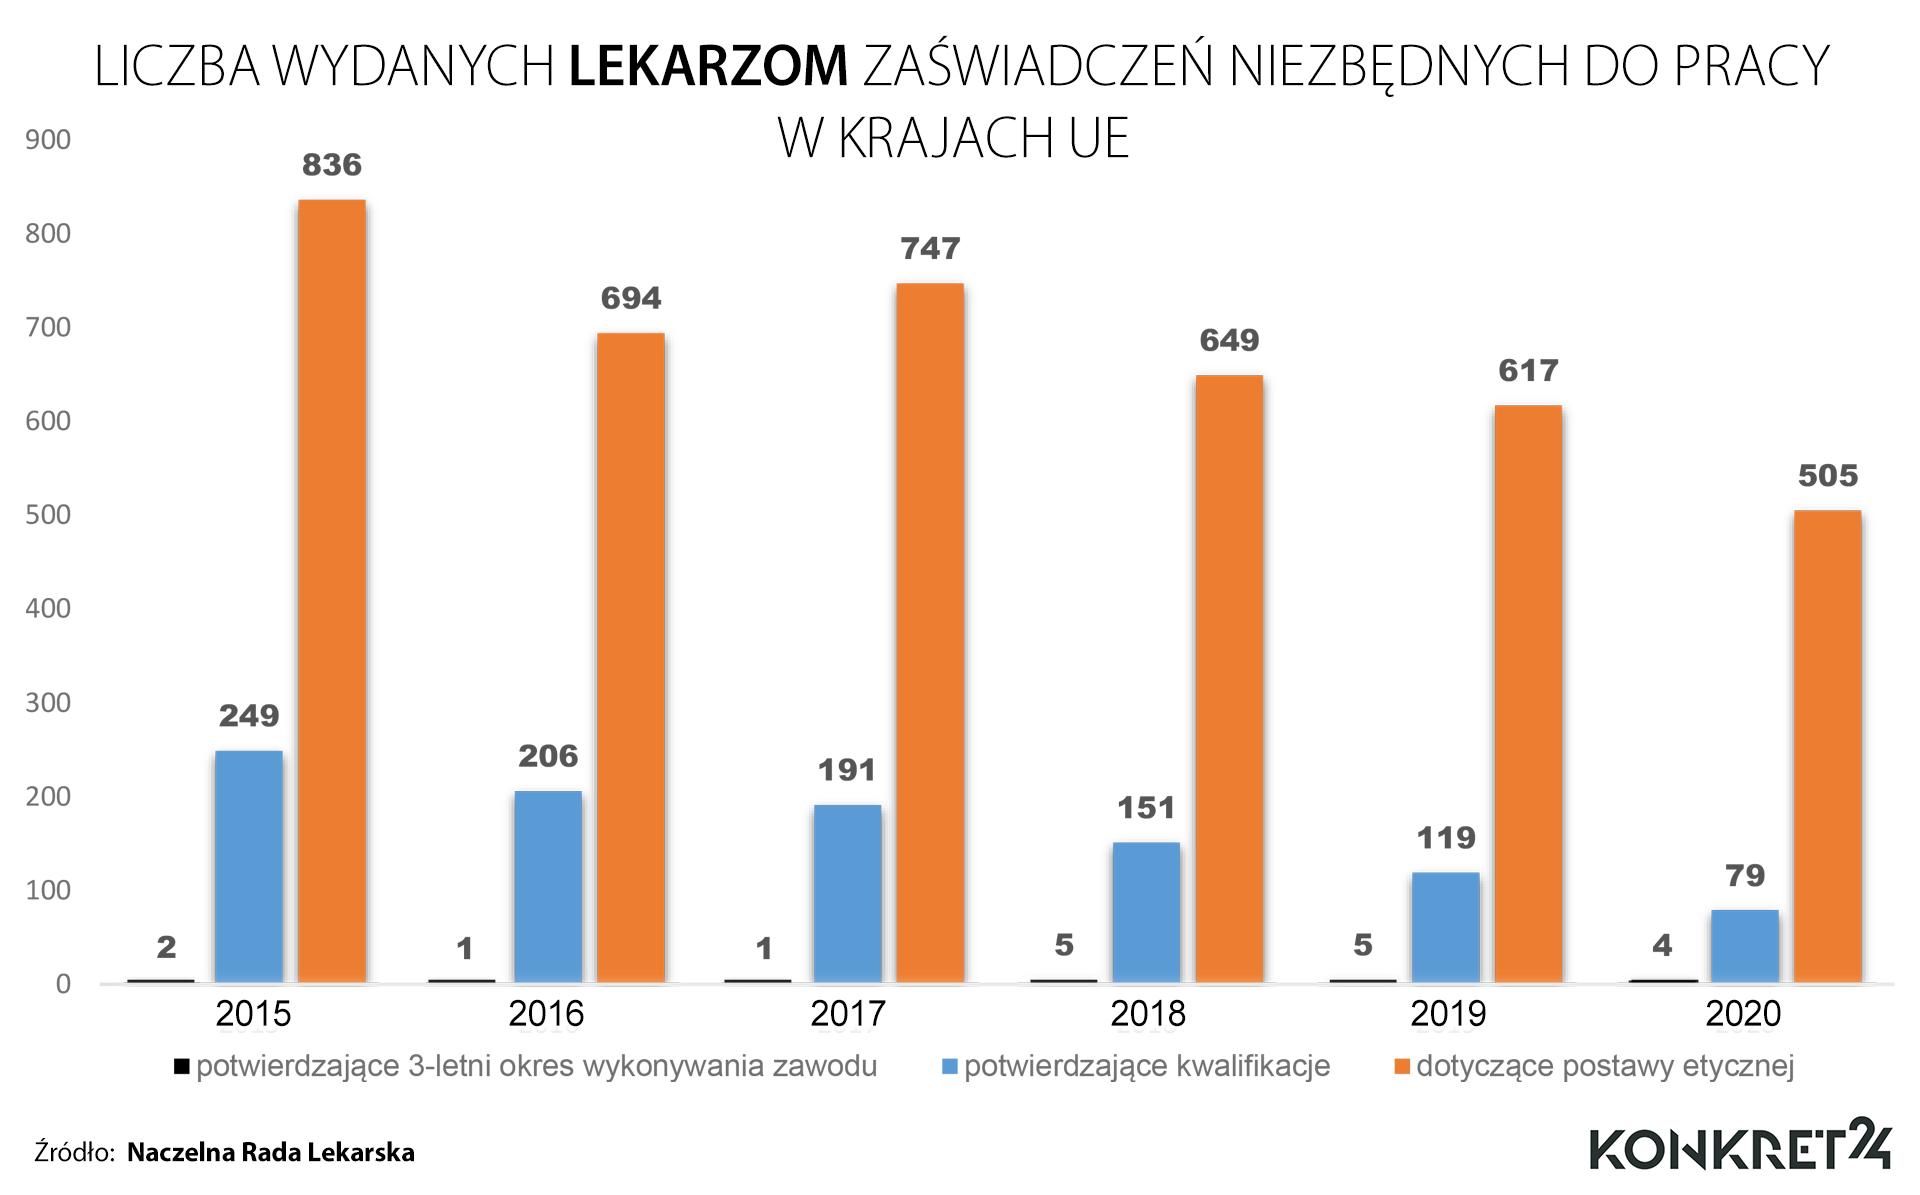 Liczba wydanych lekarzom zaświadczeń niezbędnych do pracy w UE